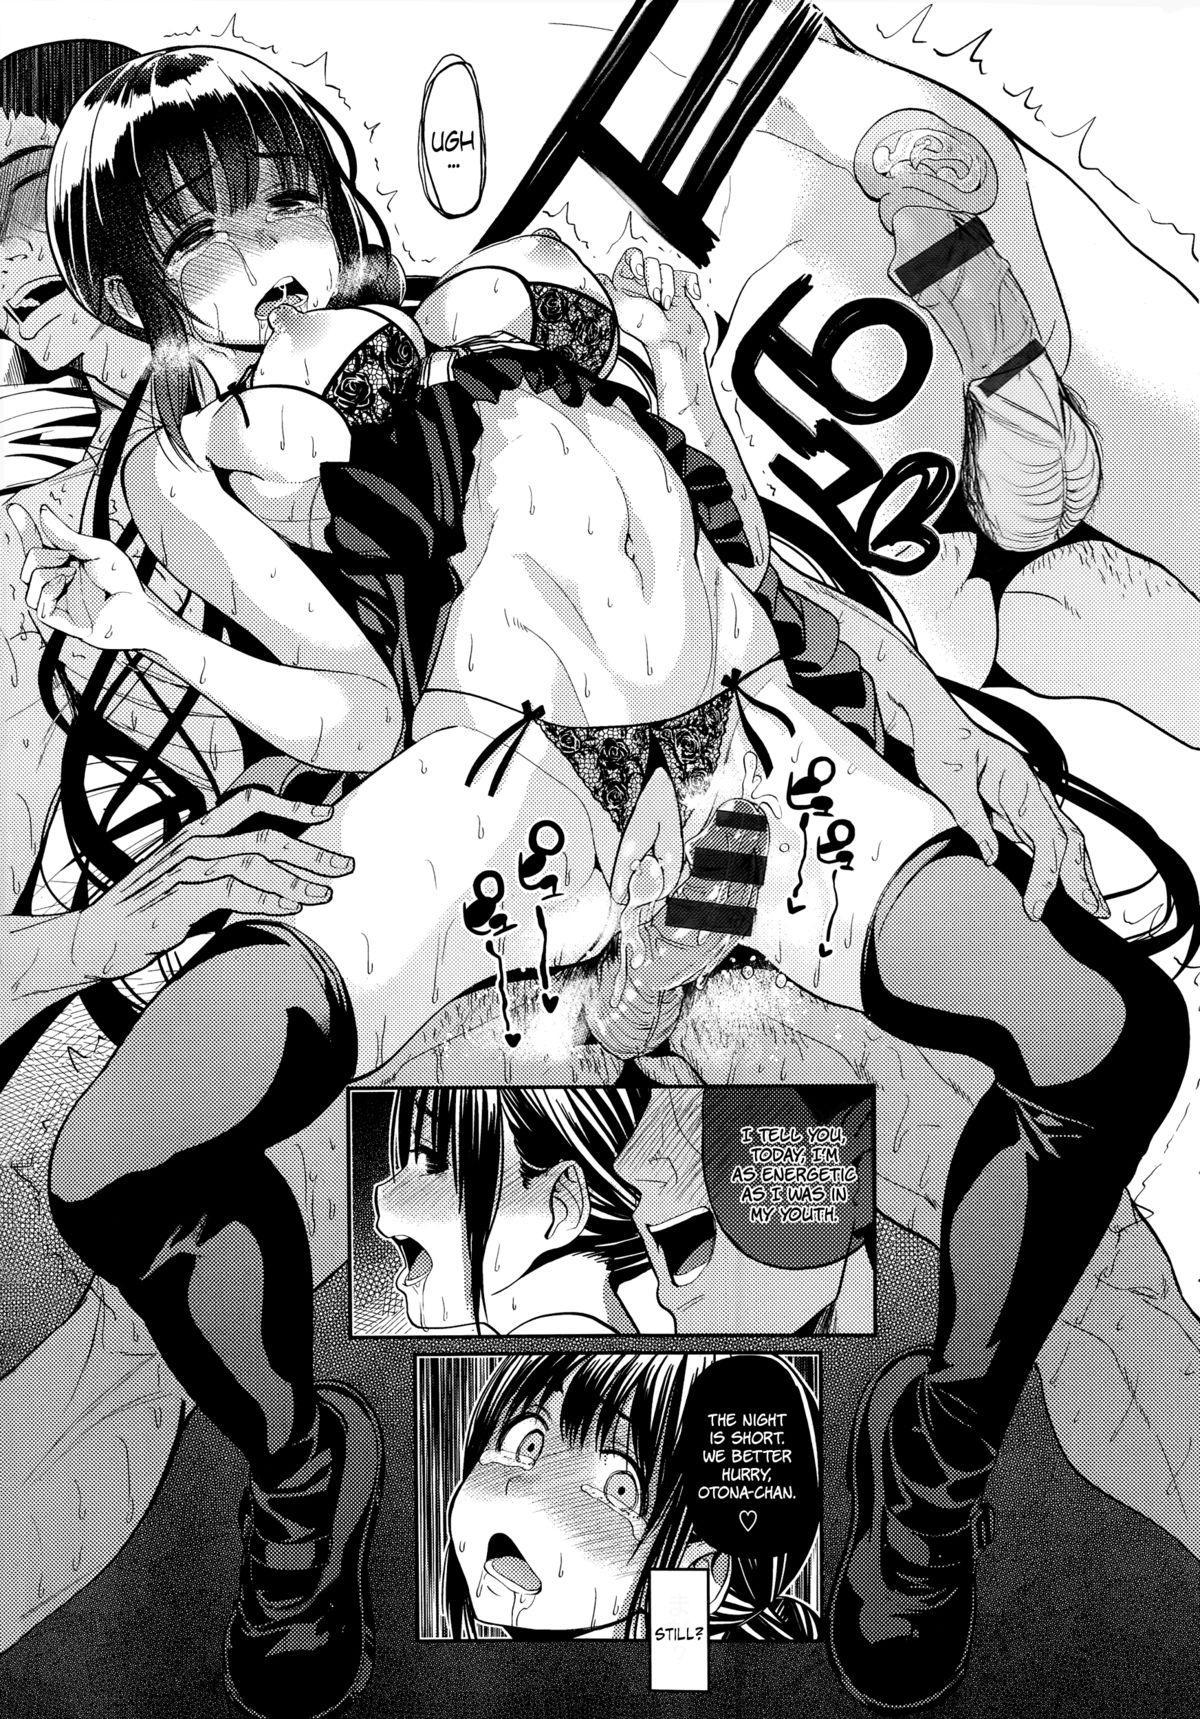 [santa] Oji-san to Watashi no Koibito Gokko   Oji-san And I Are Pretend Lovers (COMIC Kairakuten 2014-08) [English] [LewdWaniBootleggers] 18